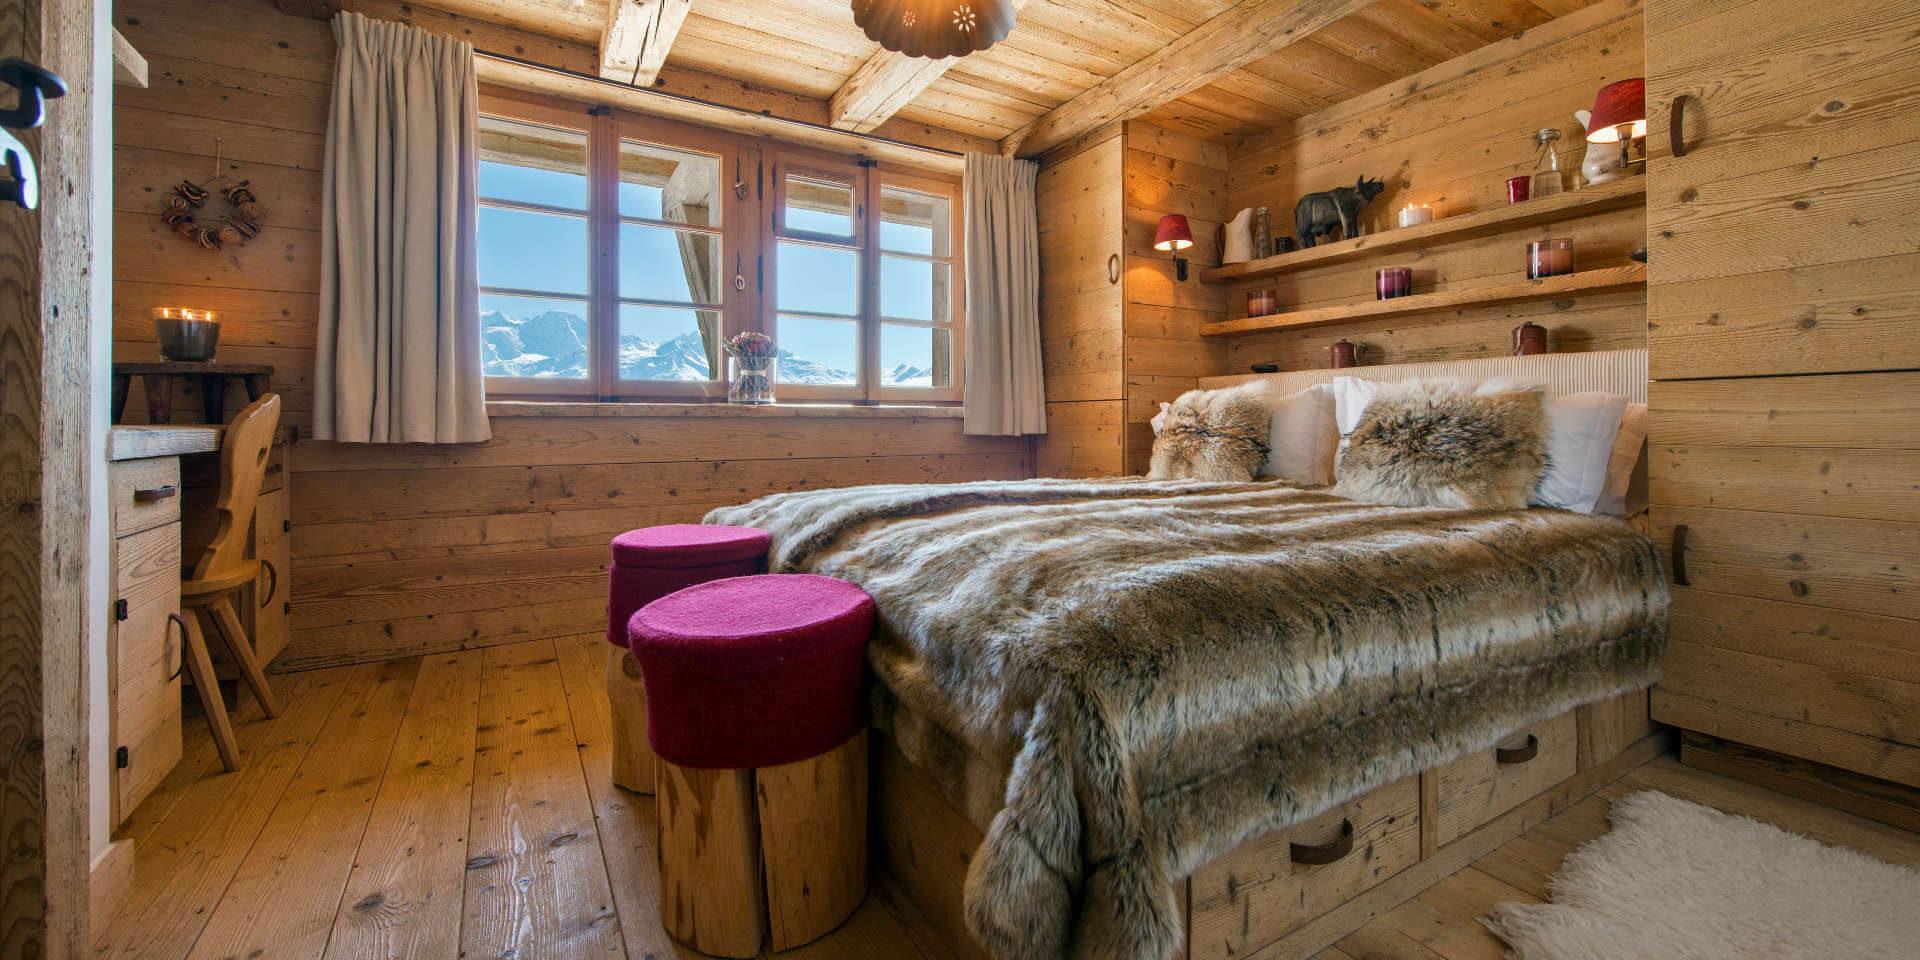 Chalet Nyumba Verbier Les 4 Vallees Zwitserland wintersport skivakantie luxe slaapkamer 2-persoonsbed hocker bureau stoel kaarsen decoratie raam